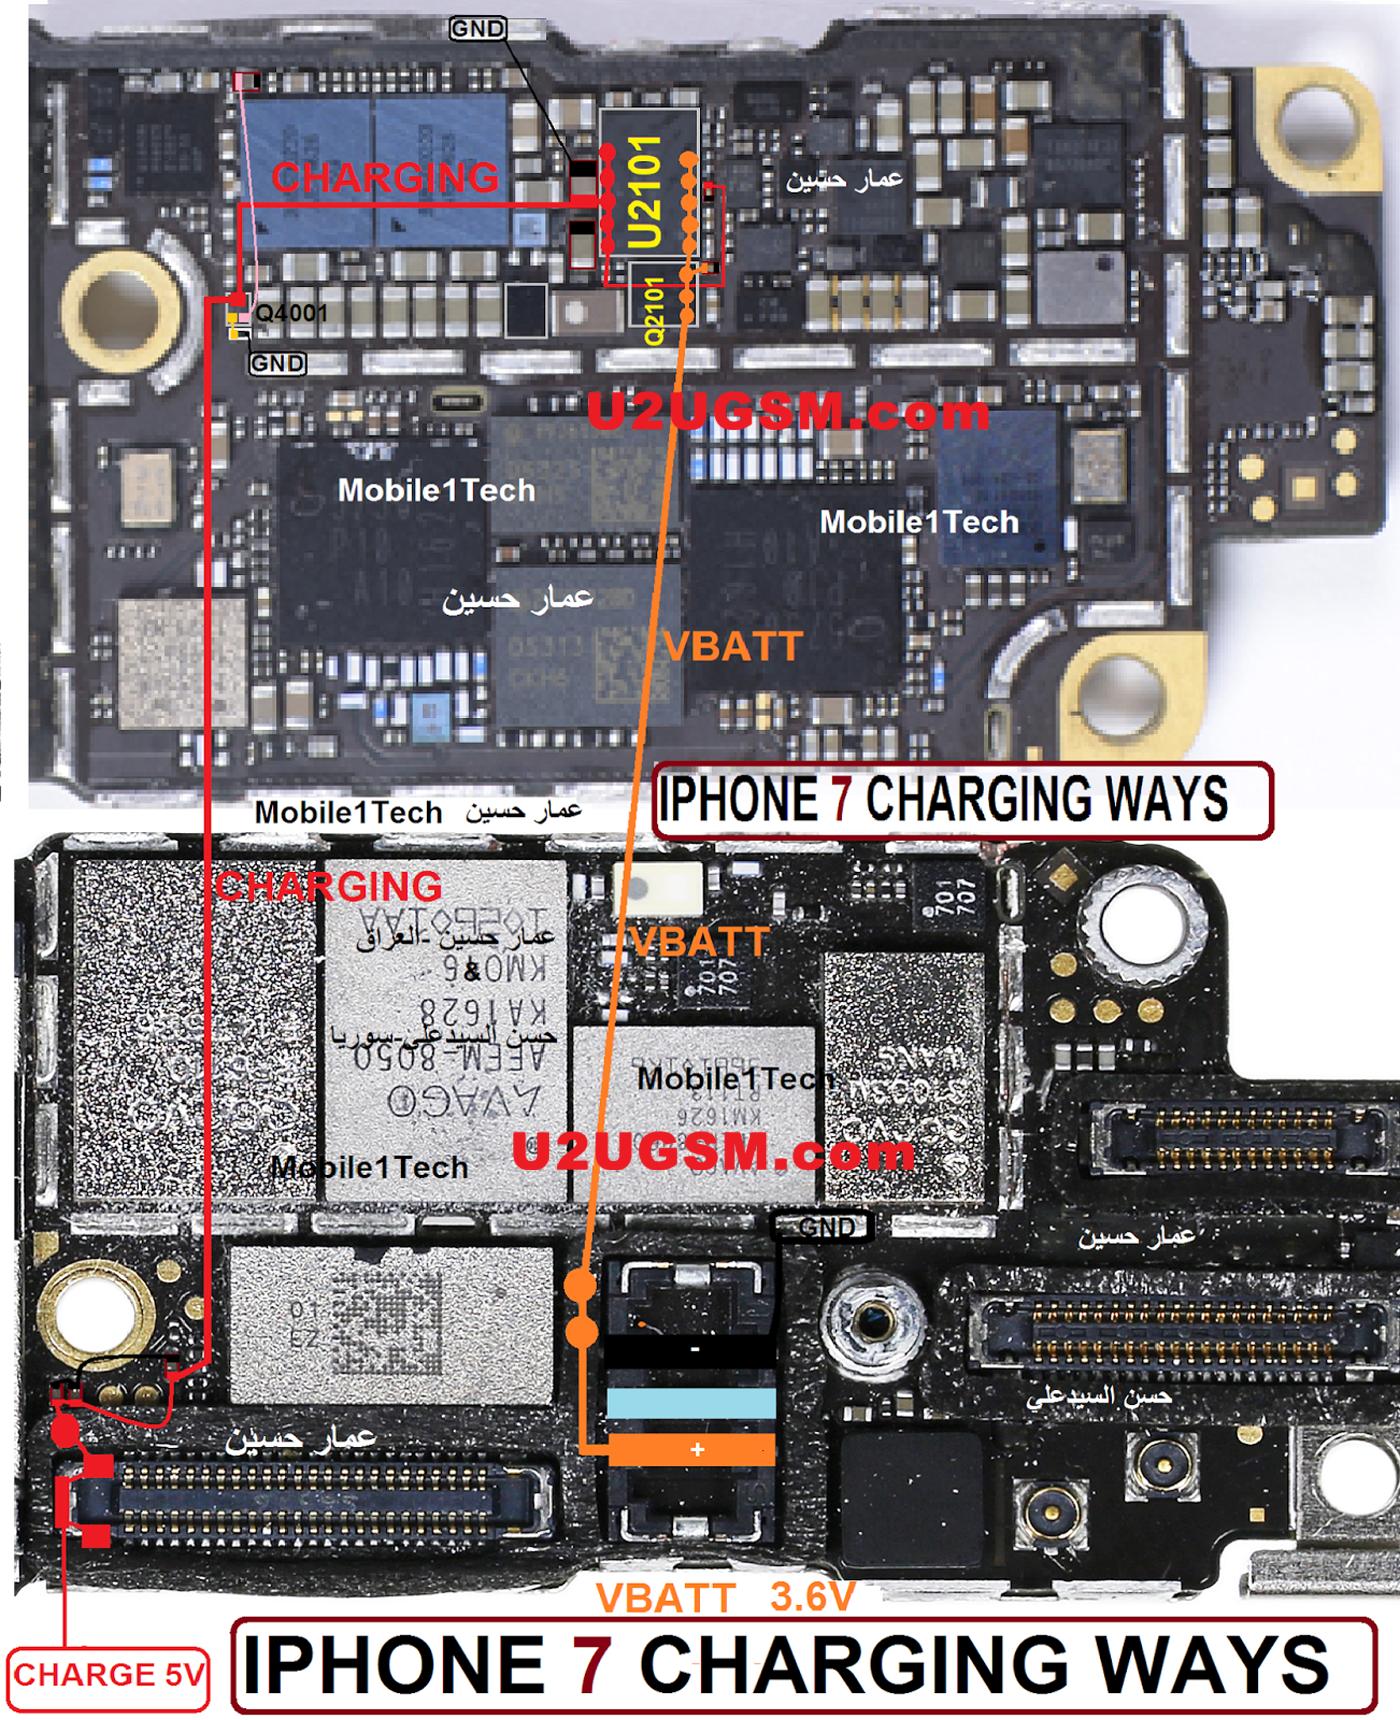 iphone 7 usb charging problem solution jumper ways download freeiphone 7 usb charging problem solution jumper [ 1400 x 1720 Pixel ]